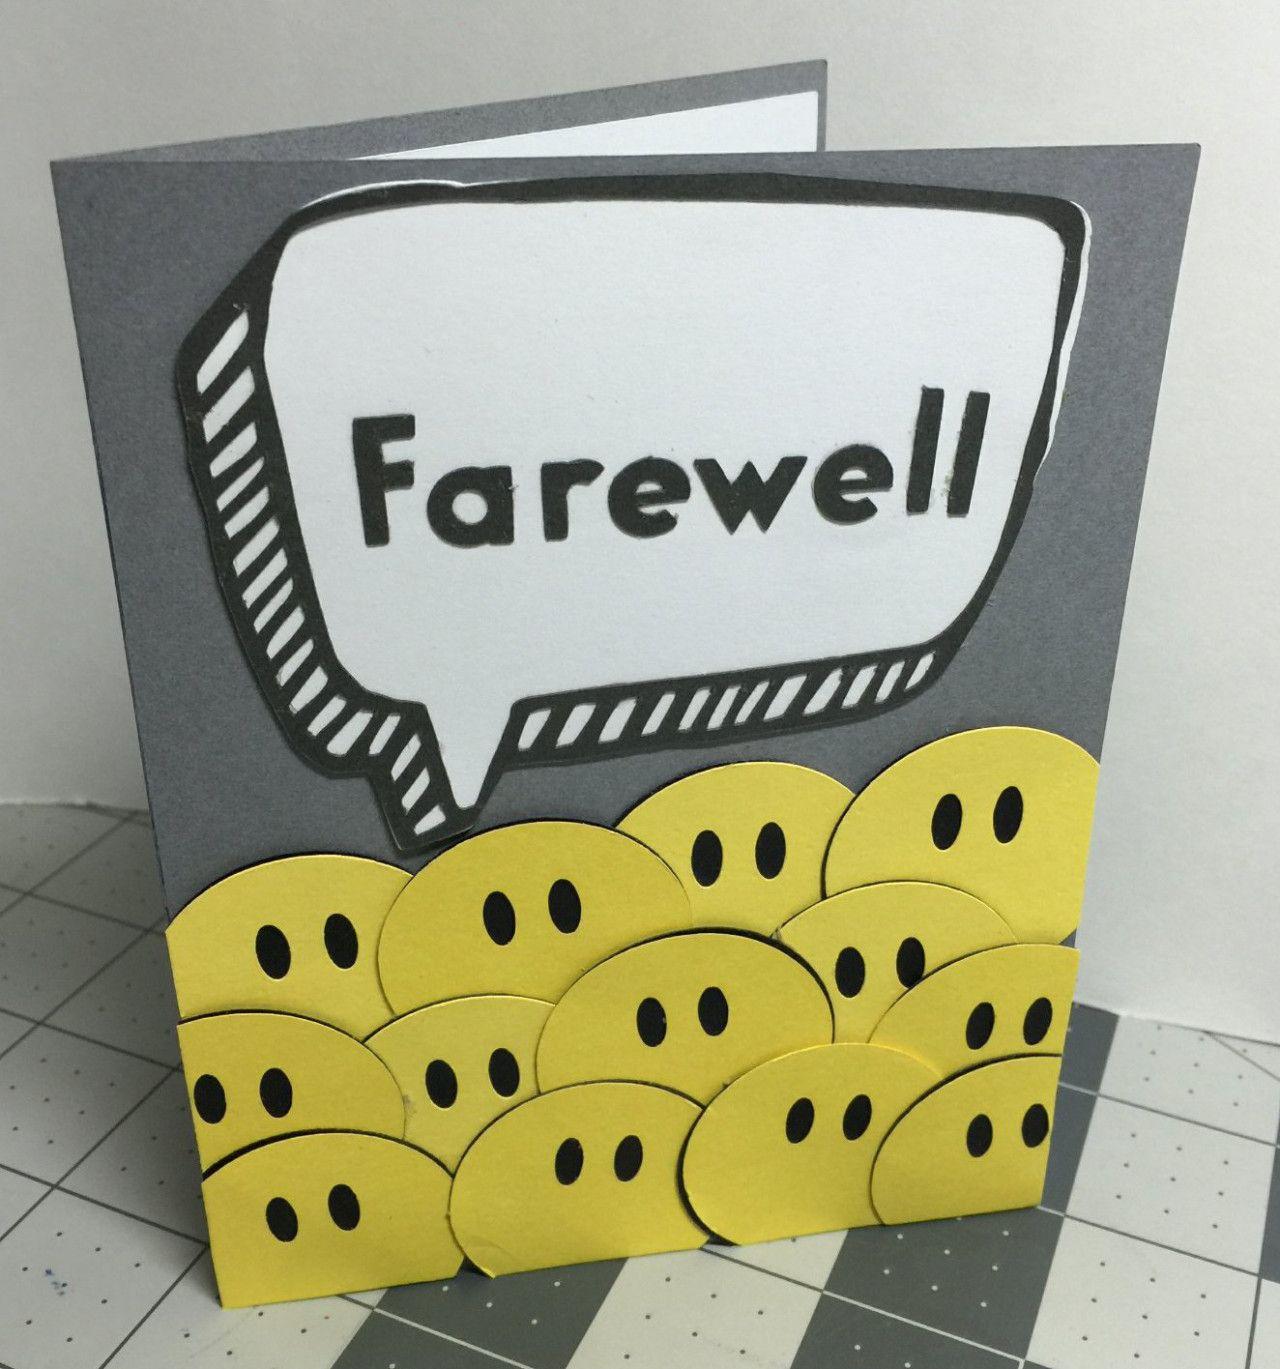 Farewell From Group Card | Farewell cards, Handmade ...